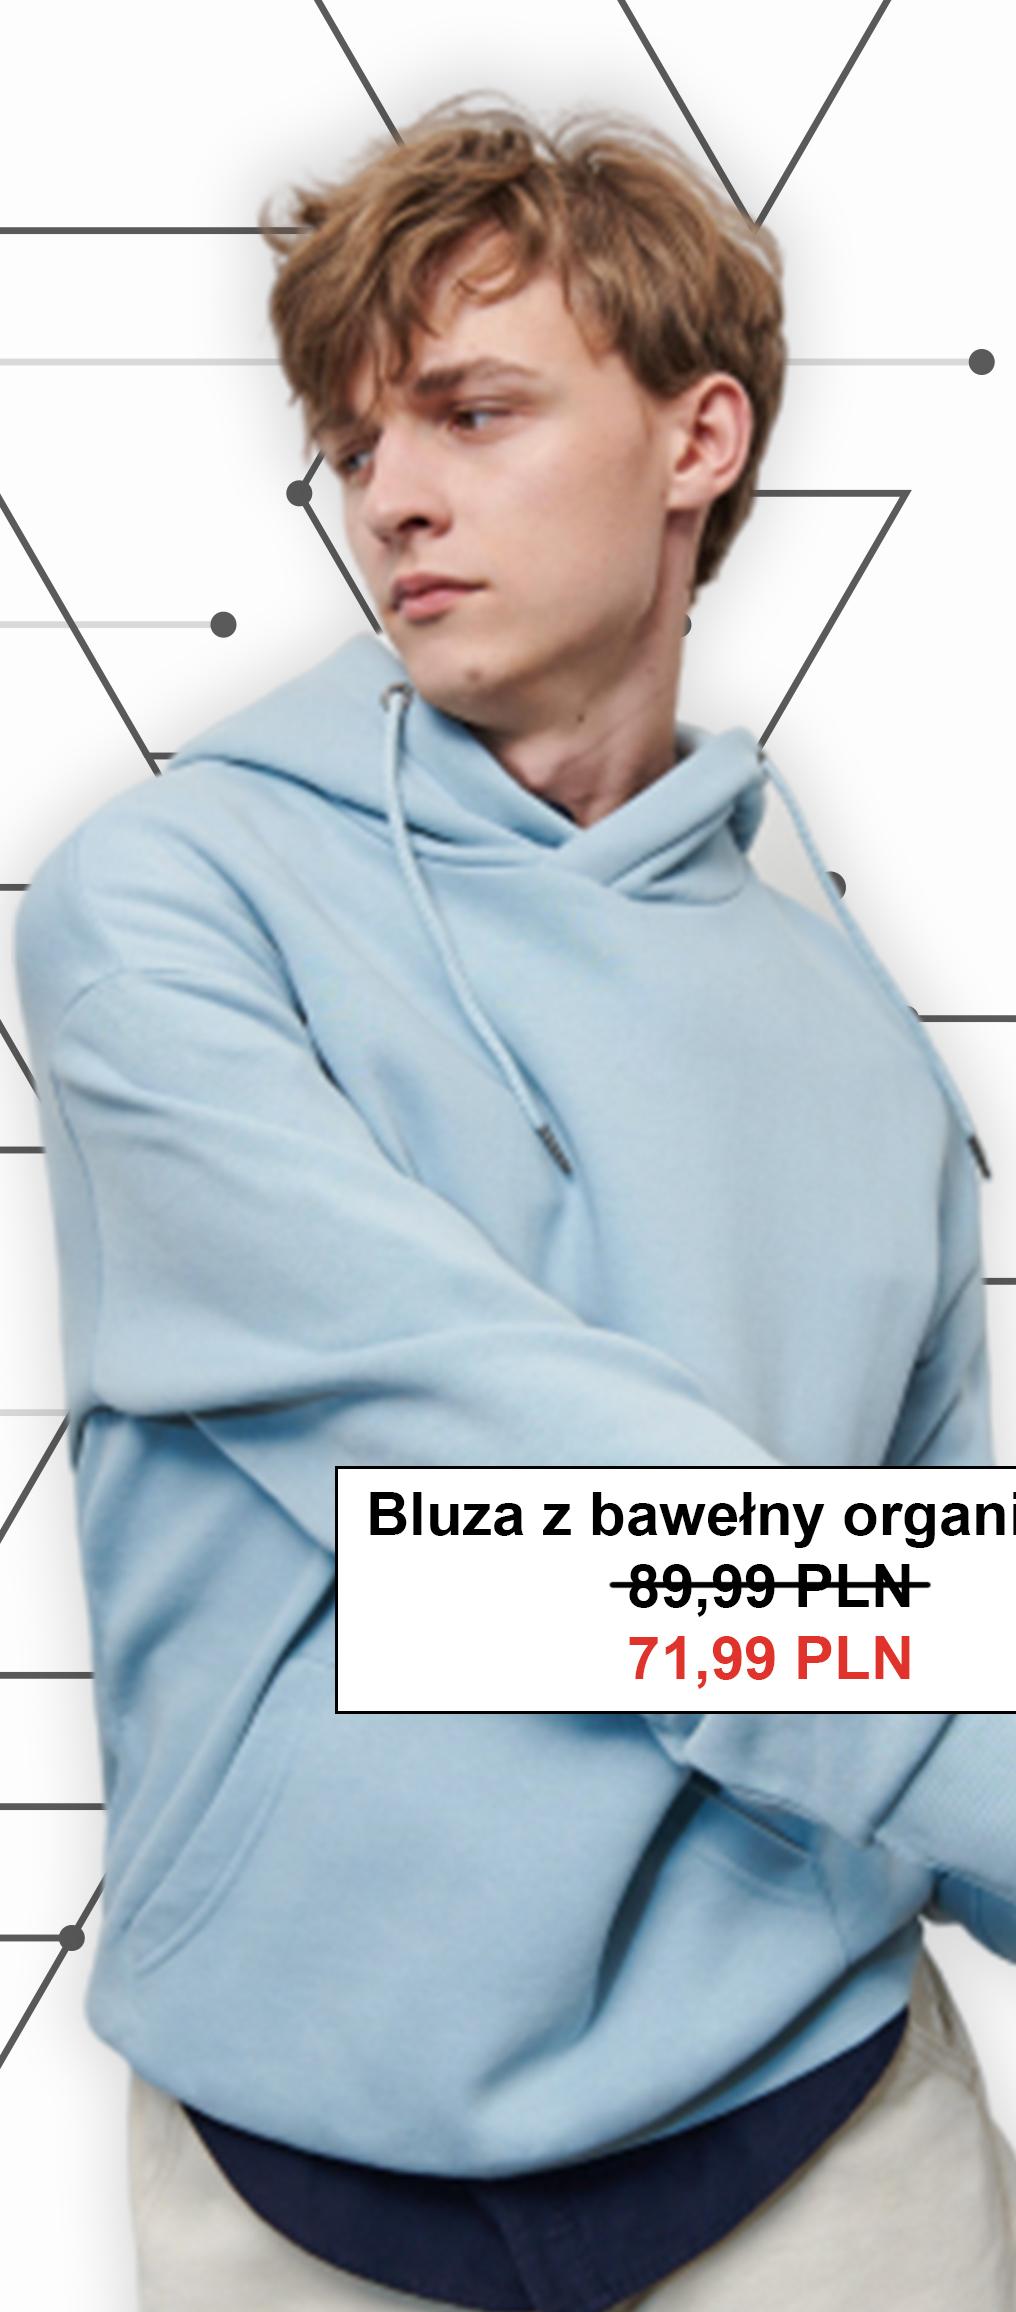 Bluza męska Reserved niska cena